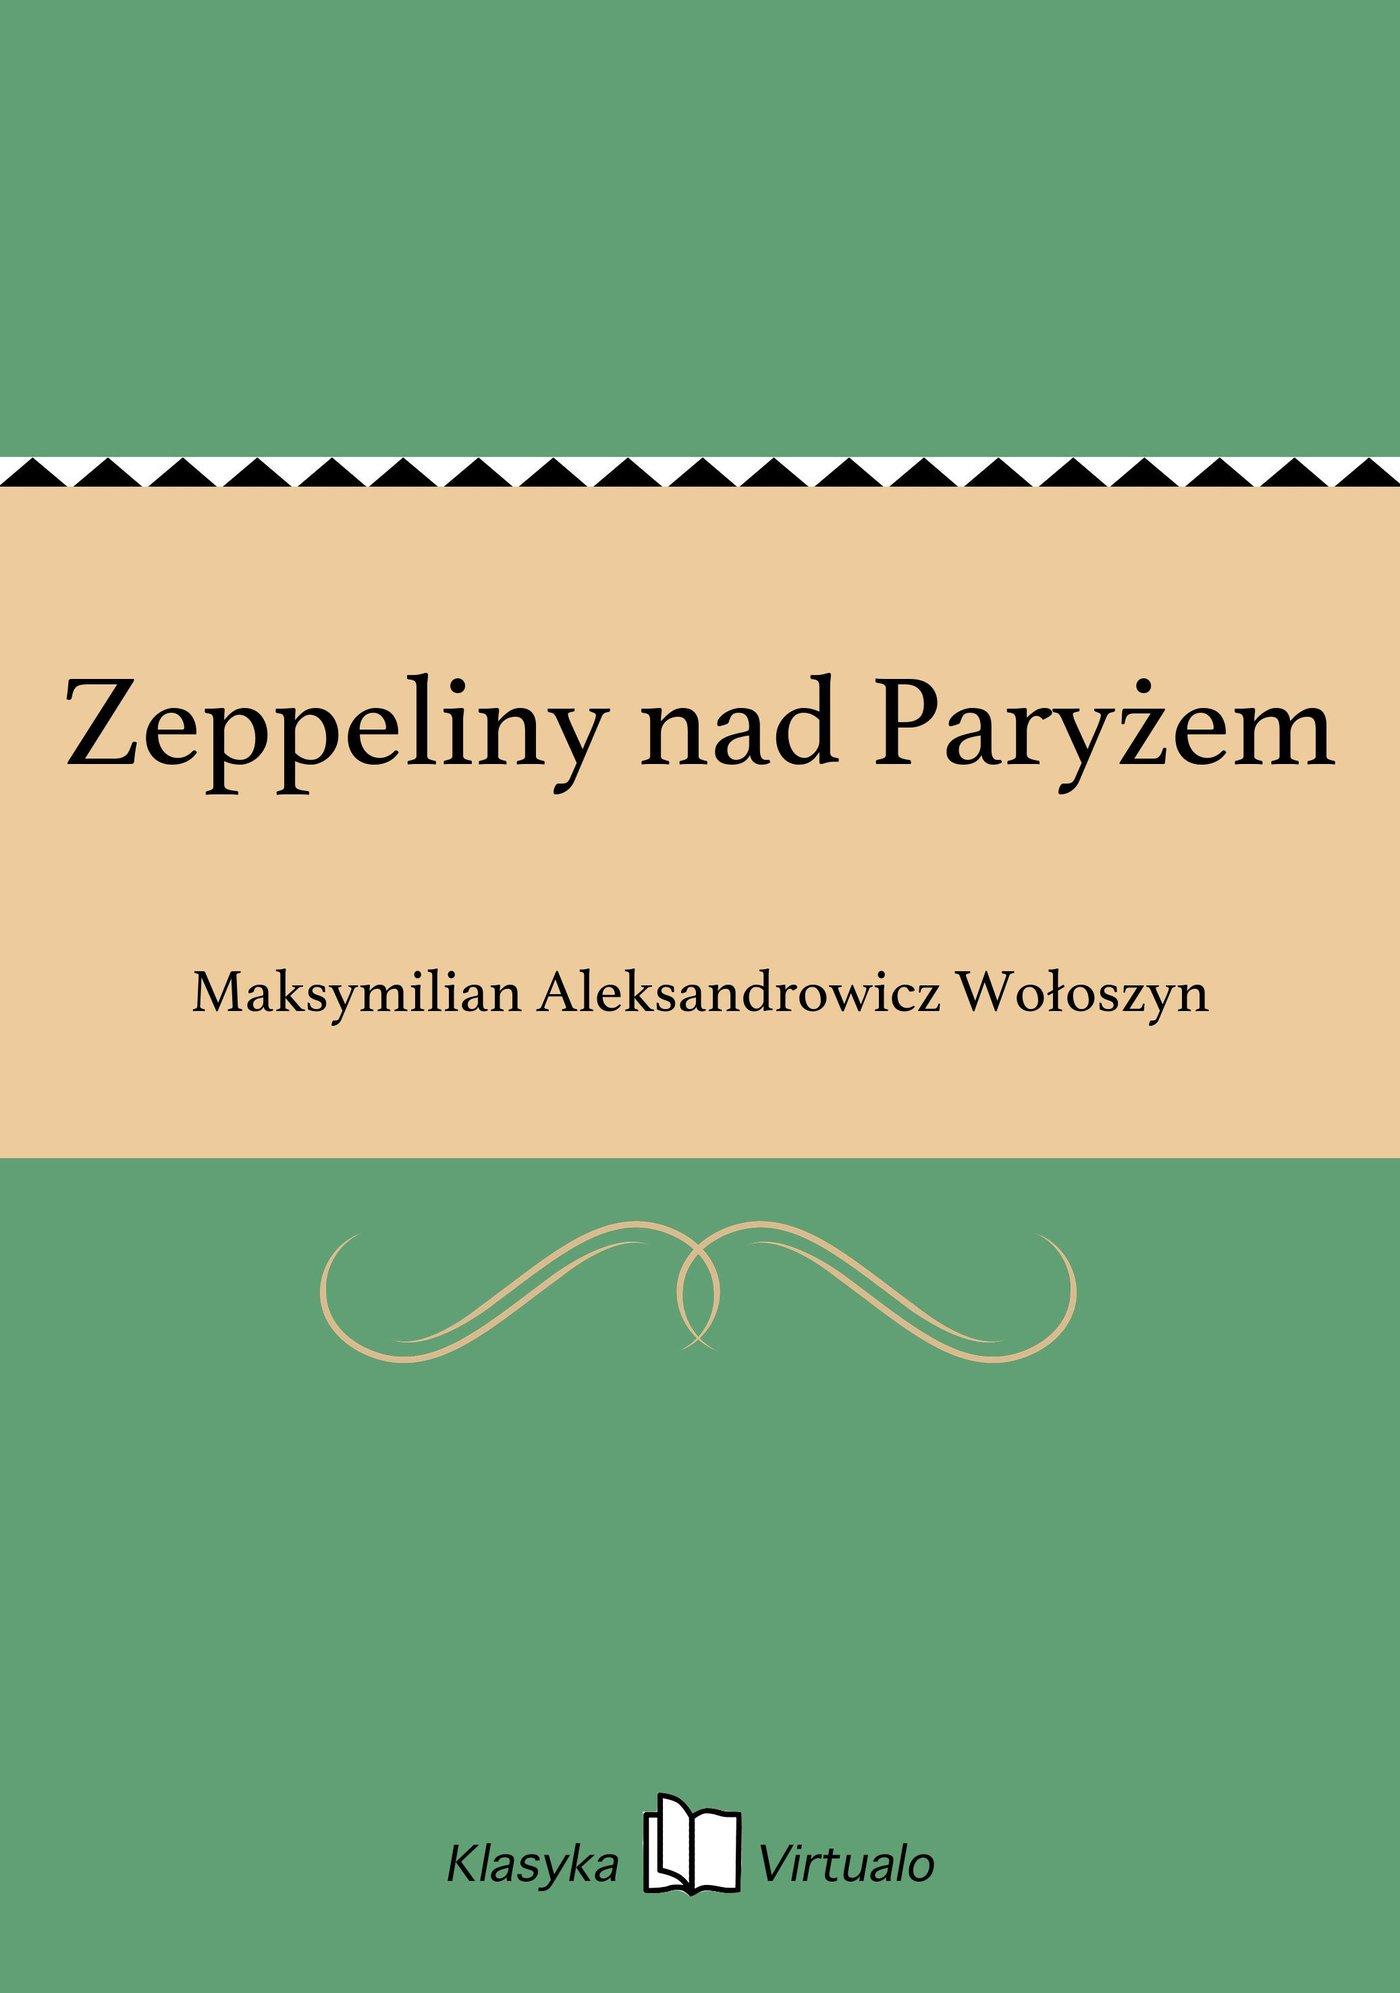 Zeppeliny nad Paryżem - Ebook (Książka EPUB) do pobrania w formacie EPUB